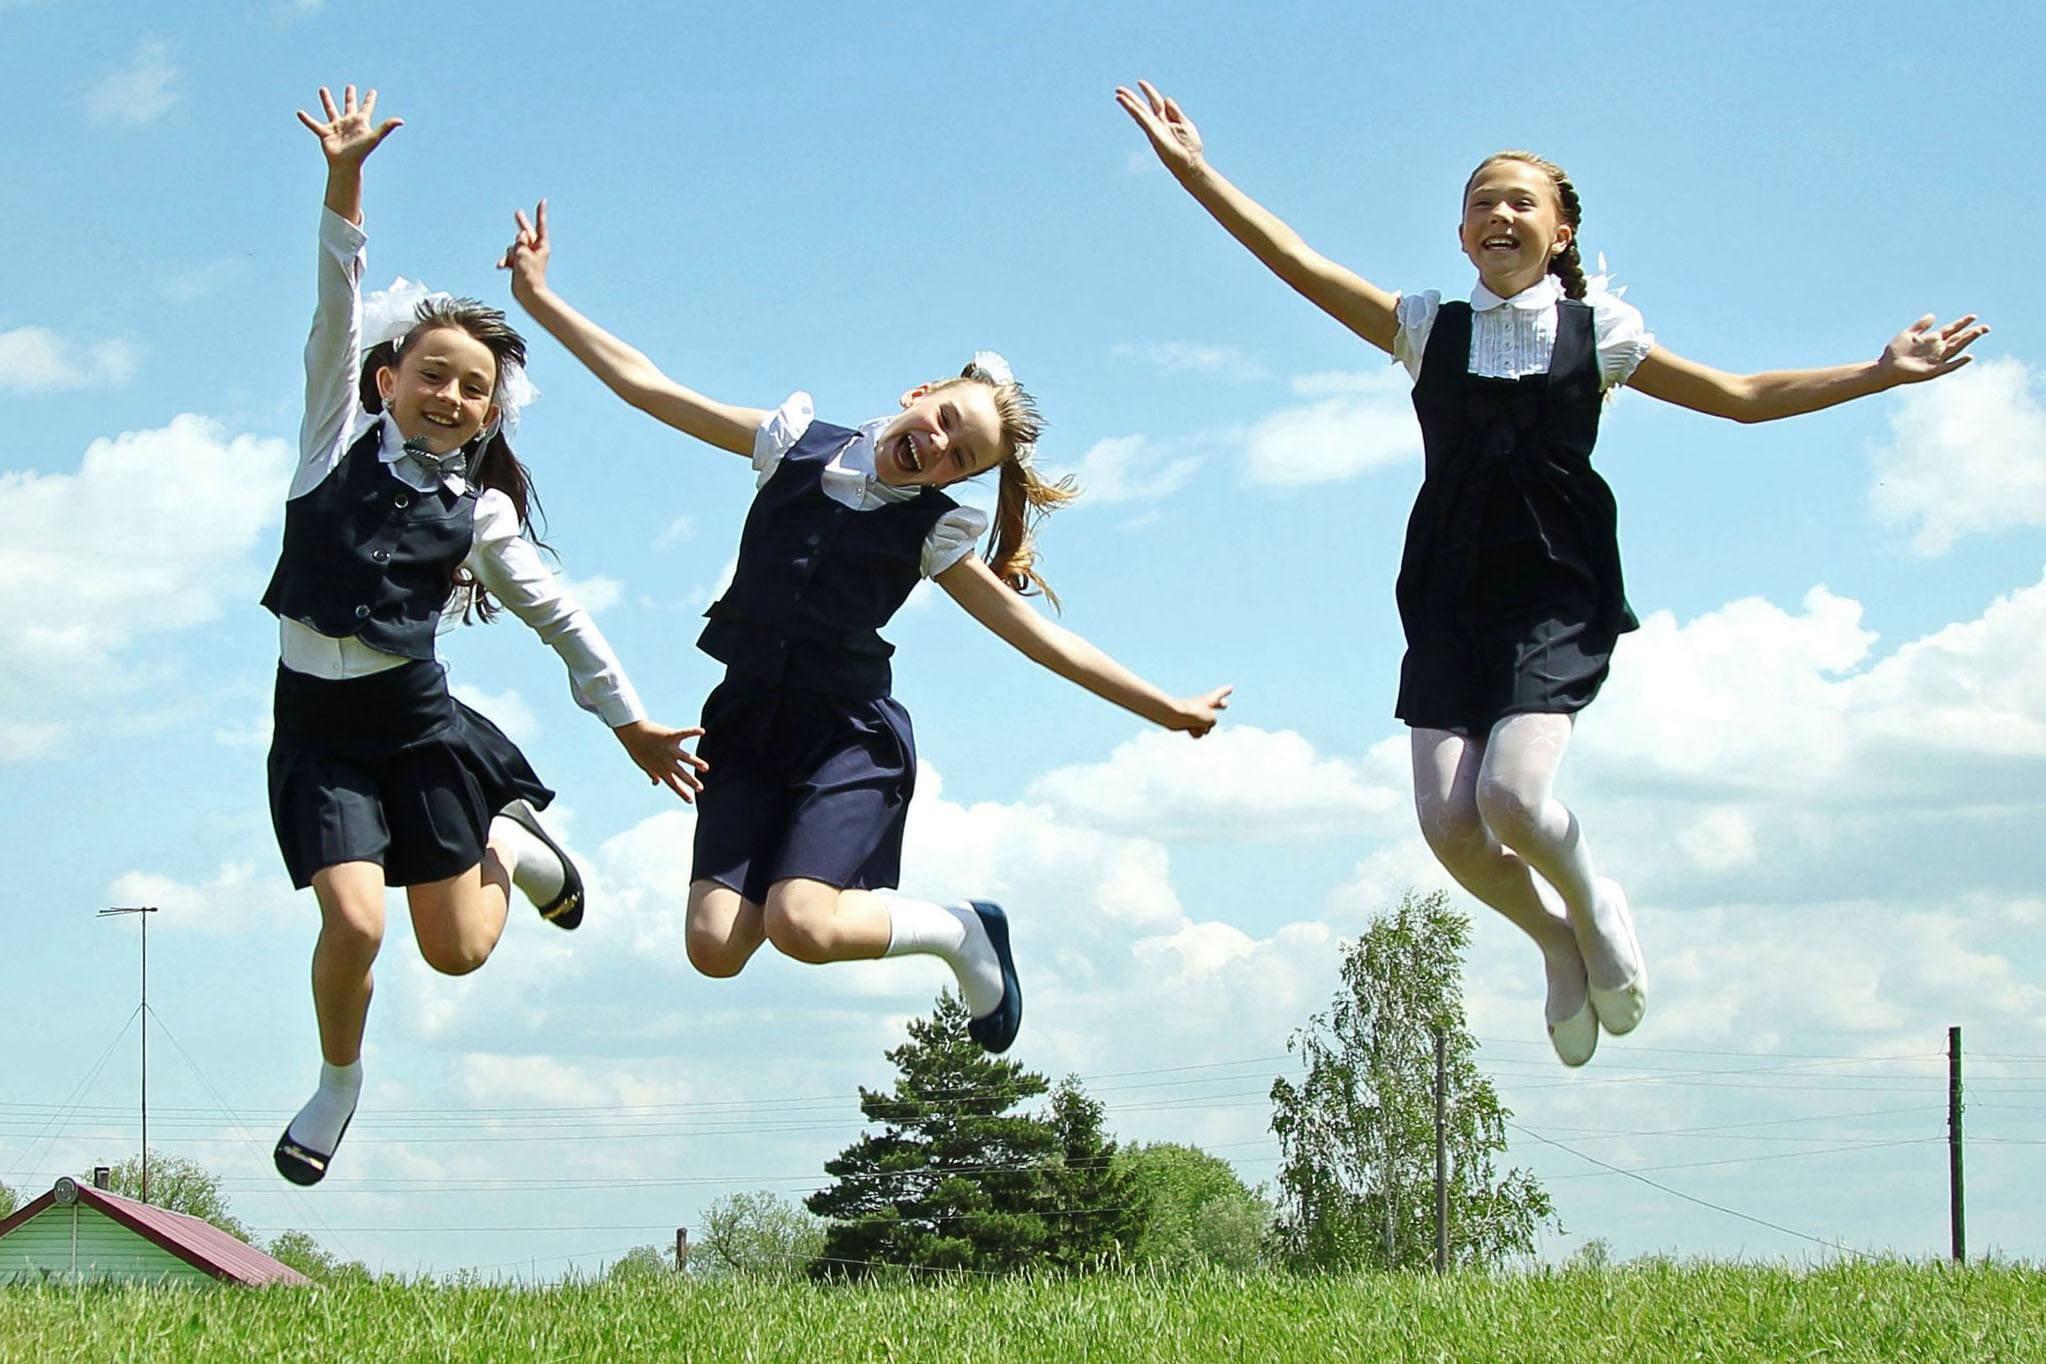 В российских школах с 30 октября по 7 ноября планируют каникулы